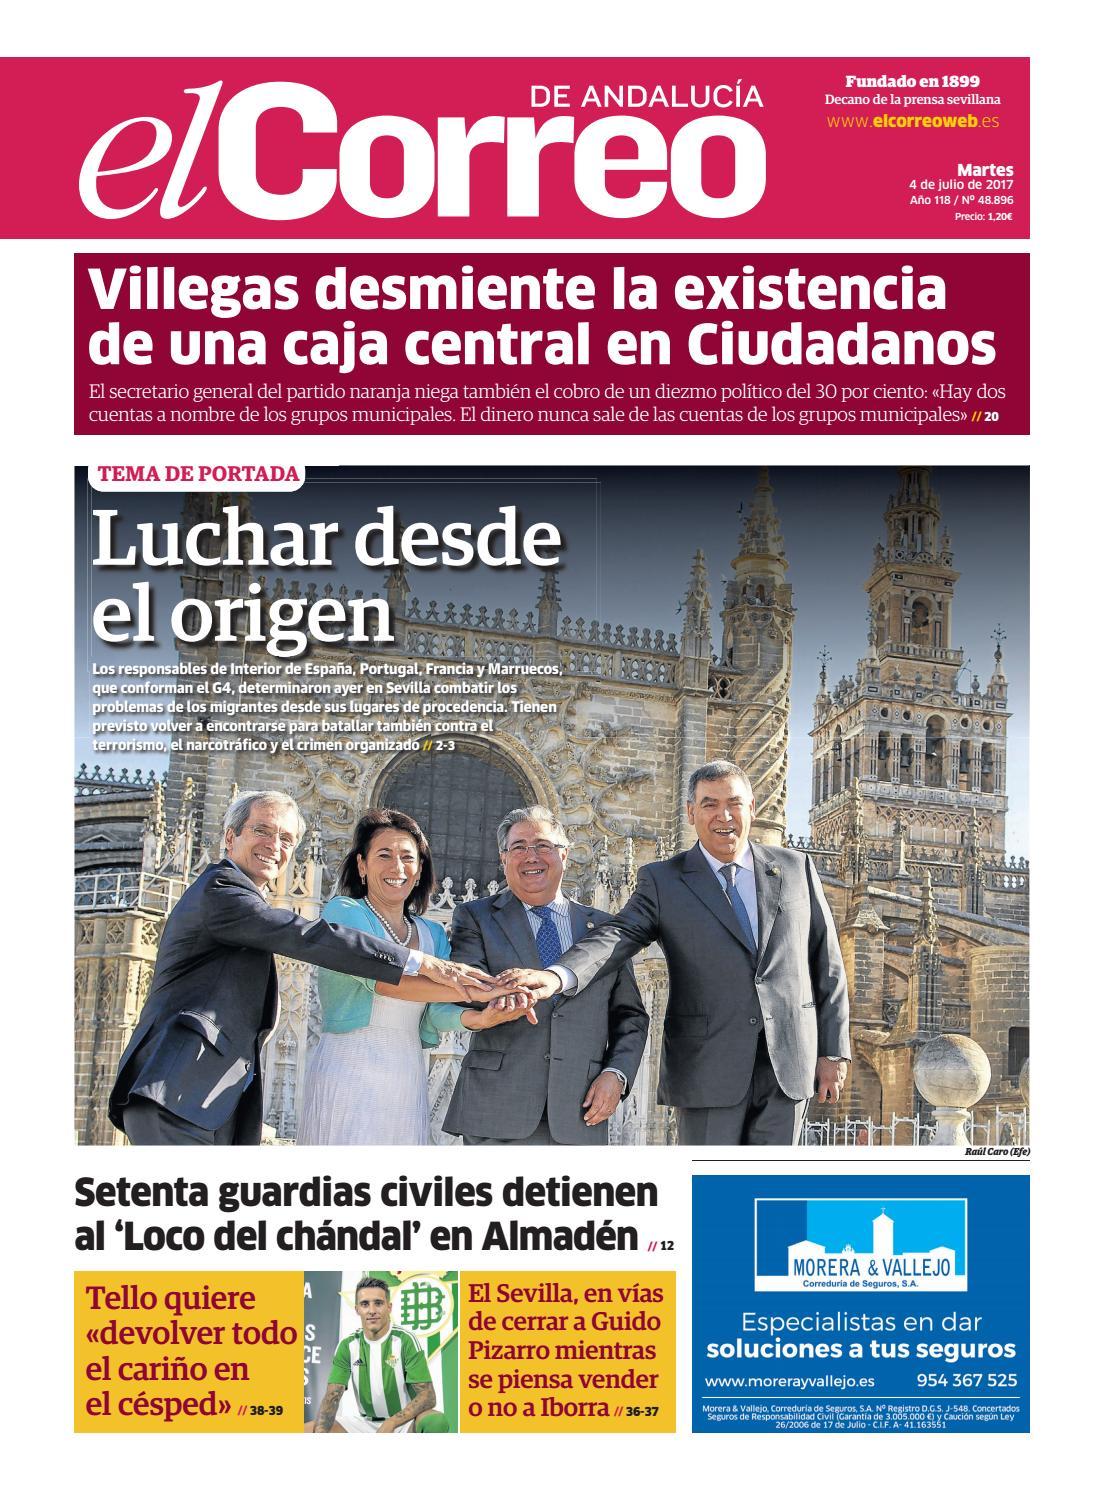 04 07 2017 El Correo De Andaluc A By El Correo De Andaluc A S L  # Cambalache Gaditano Muebles